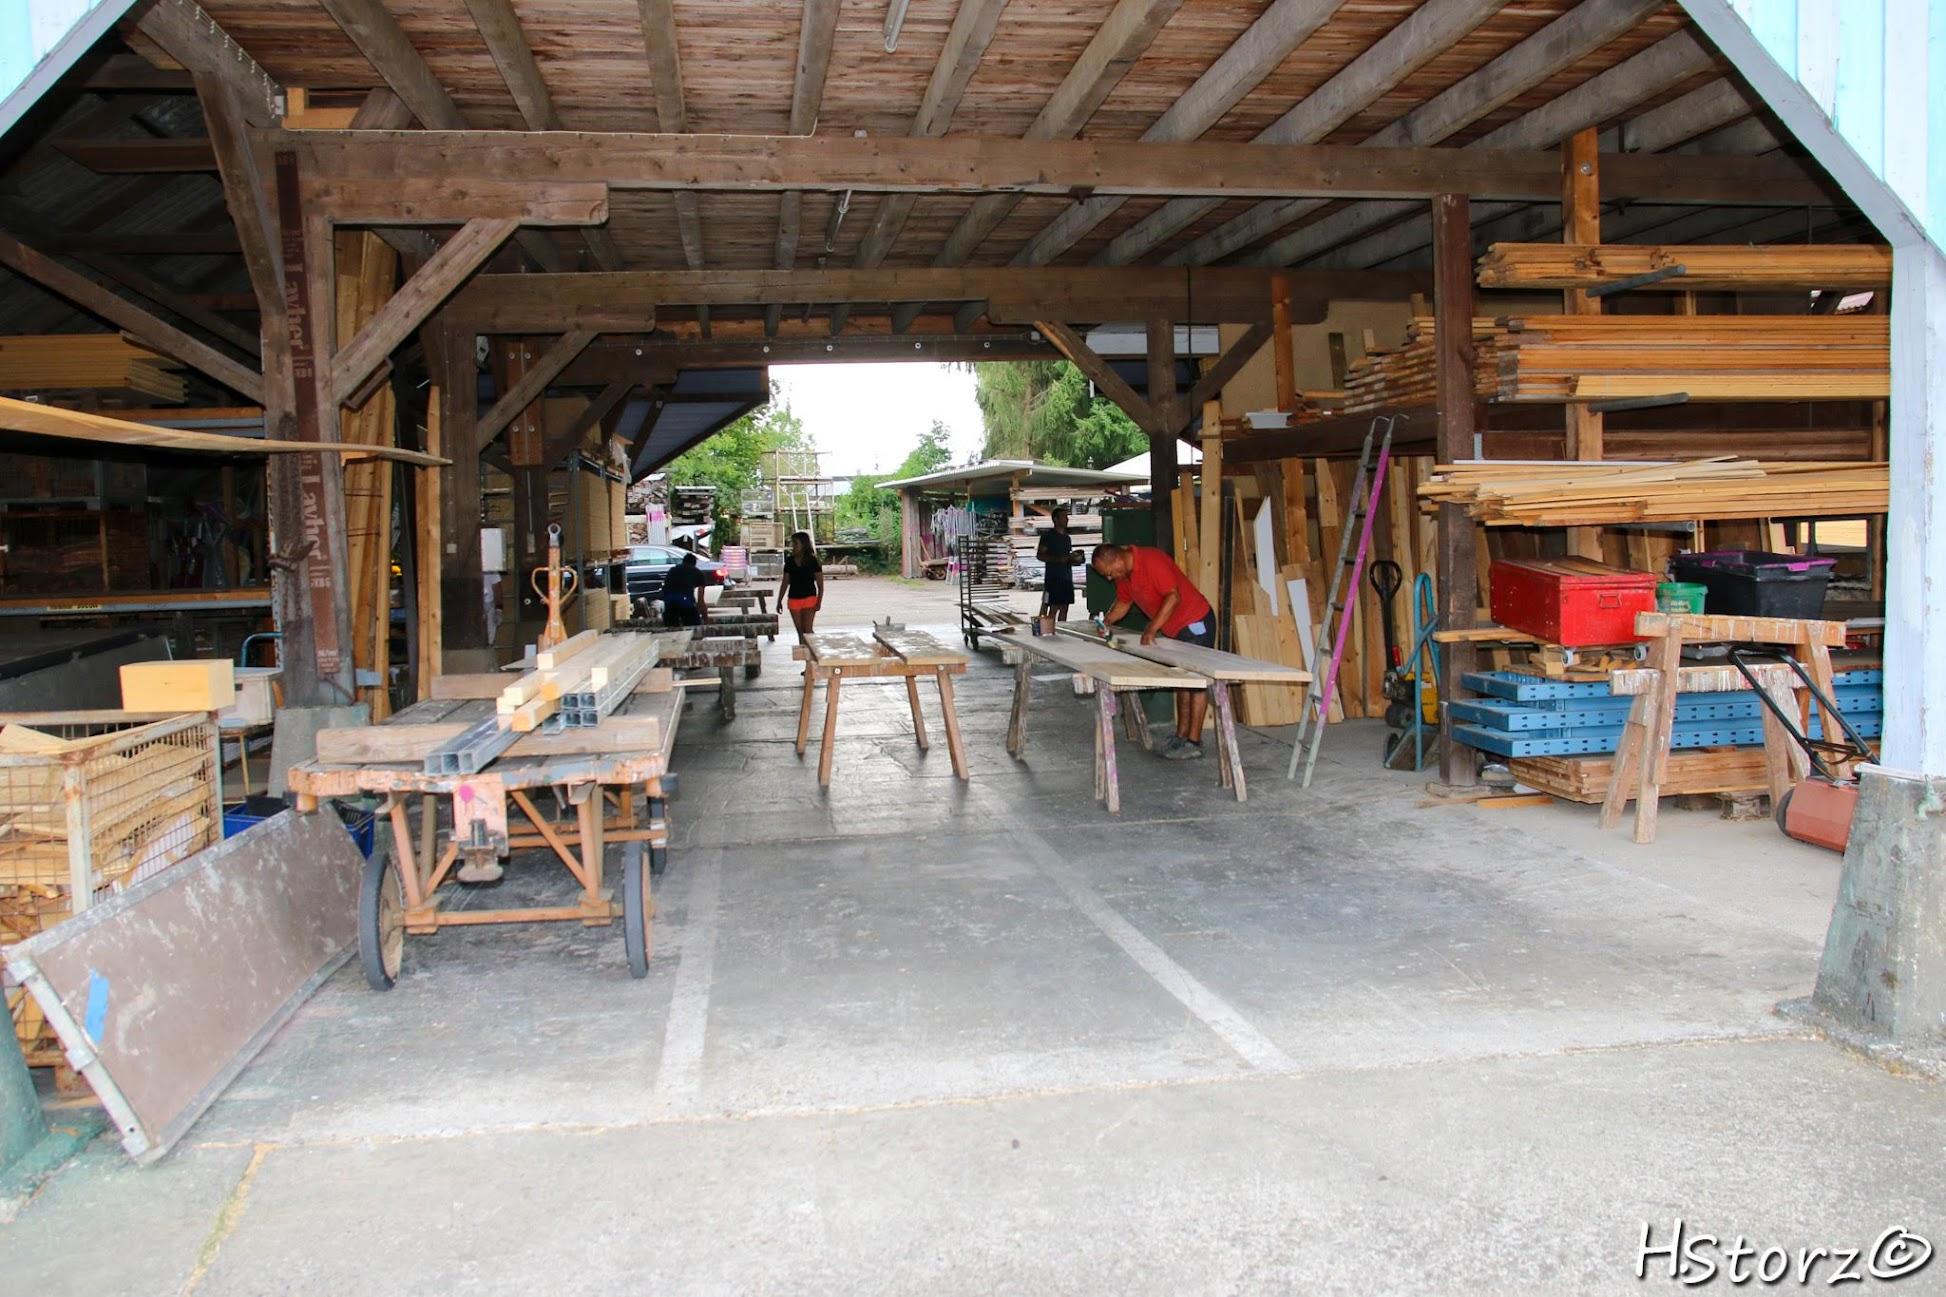 Neue Wände in den alten Kabinen & anstrich für die neuen Kaninen Bänke